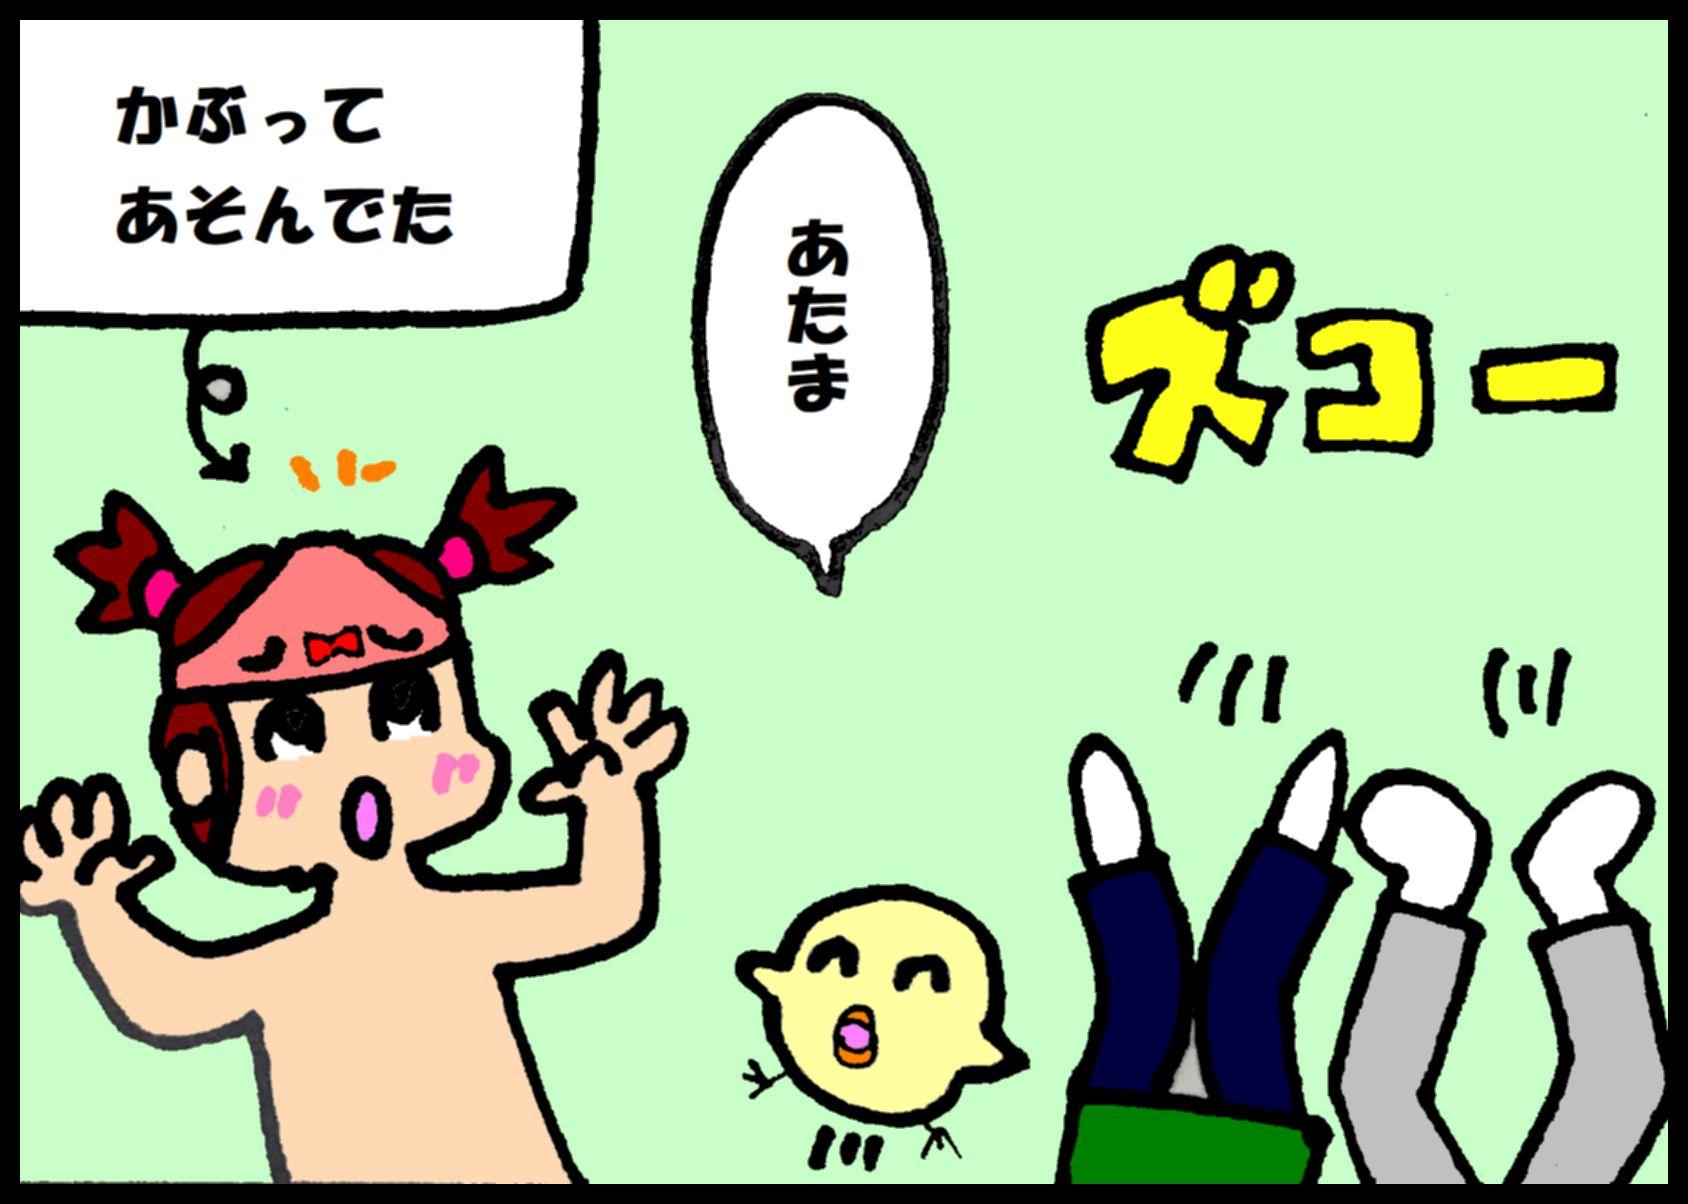 『夕やけちょこ』その25「さがしもの」(4)